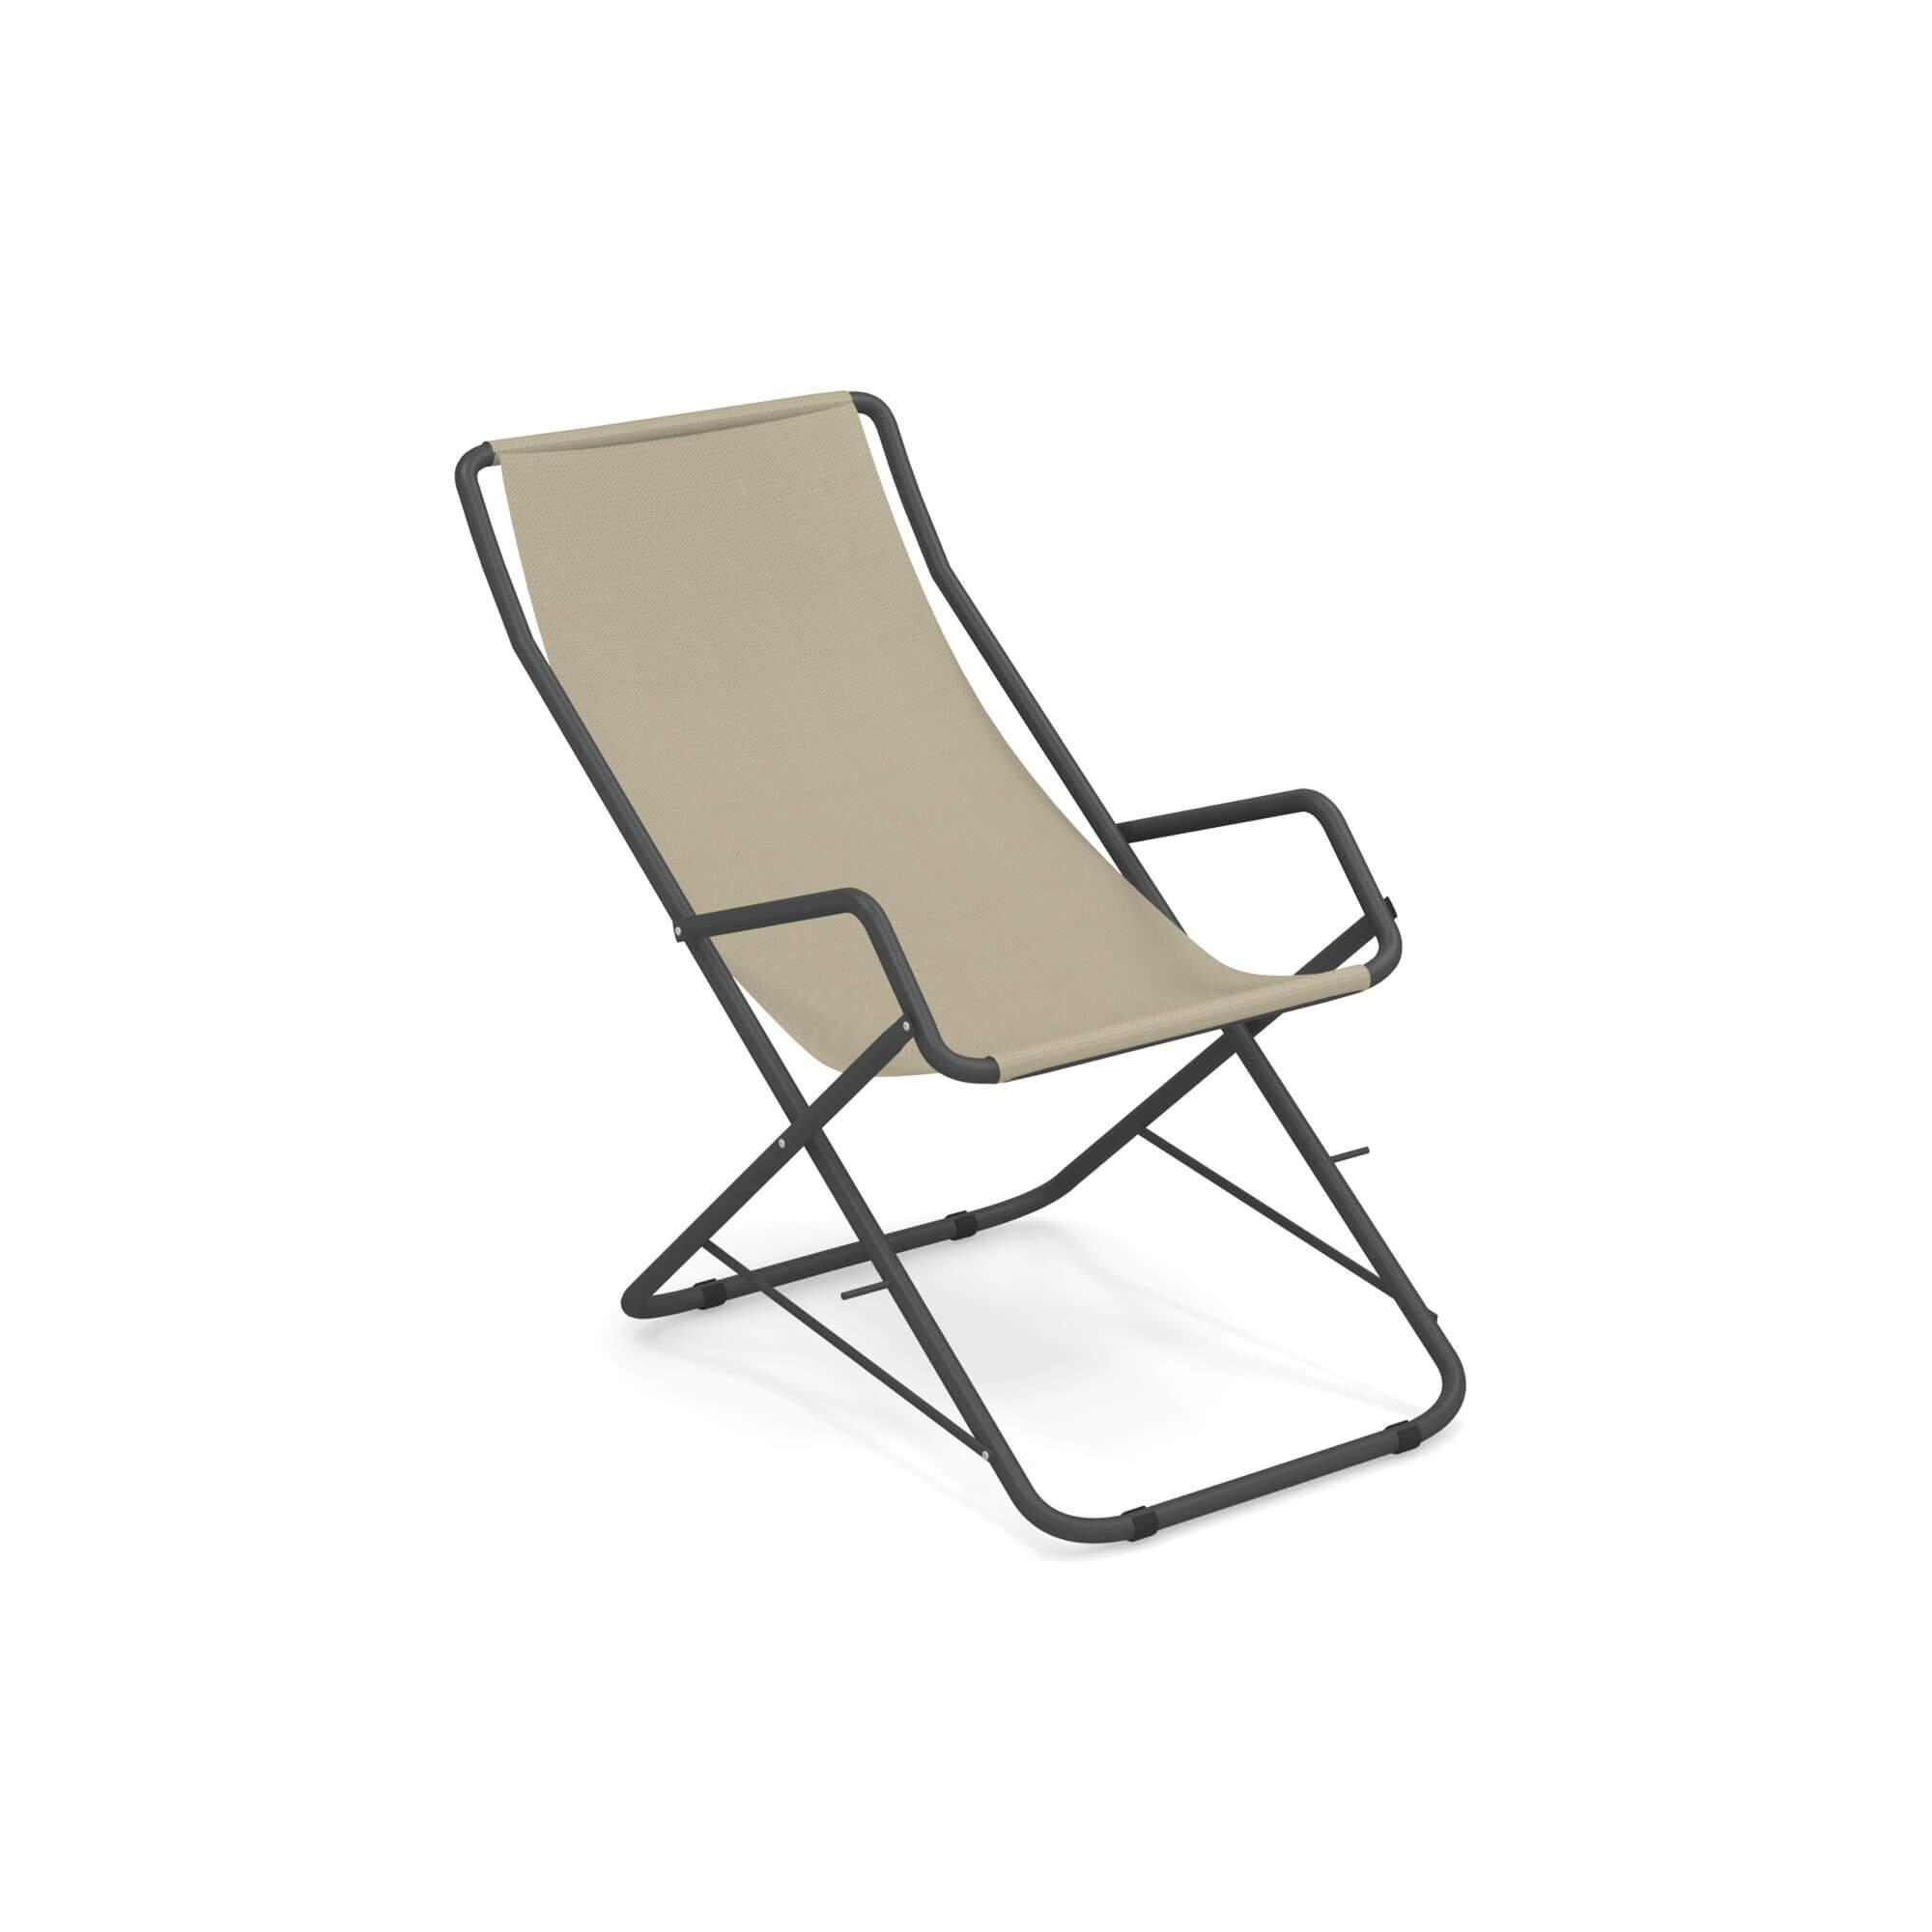 emu liegestuhl bahama antikeisen beige online kaufen. Black Bedroom Furniture Sets. Home Design Ideas